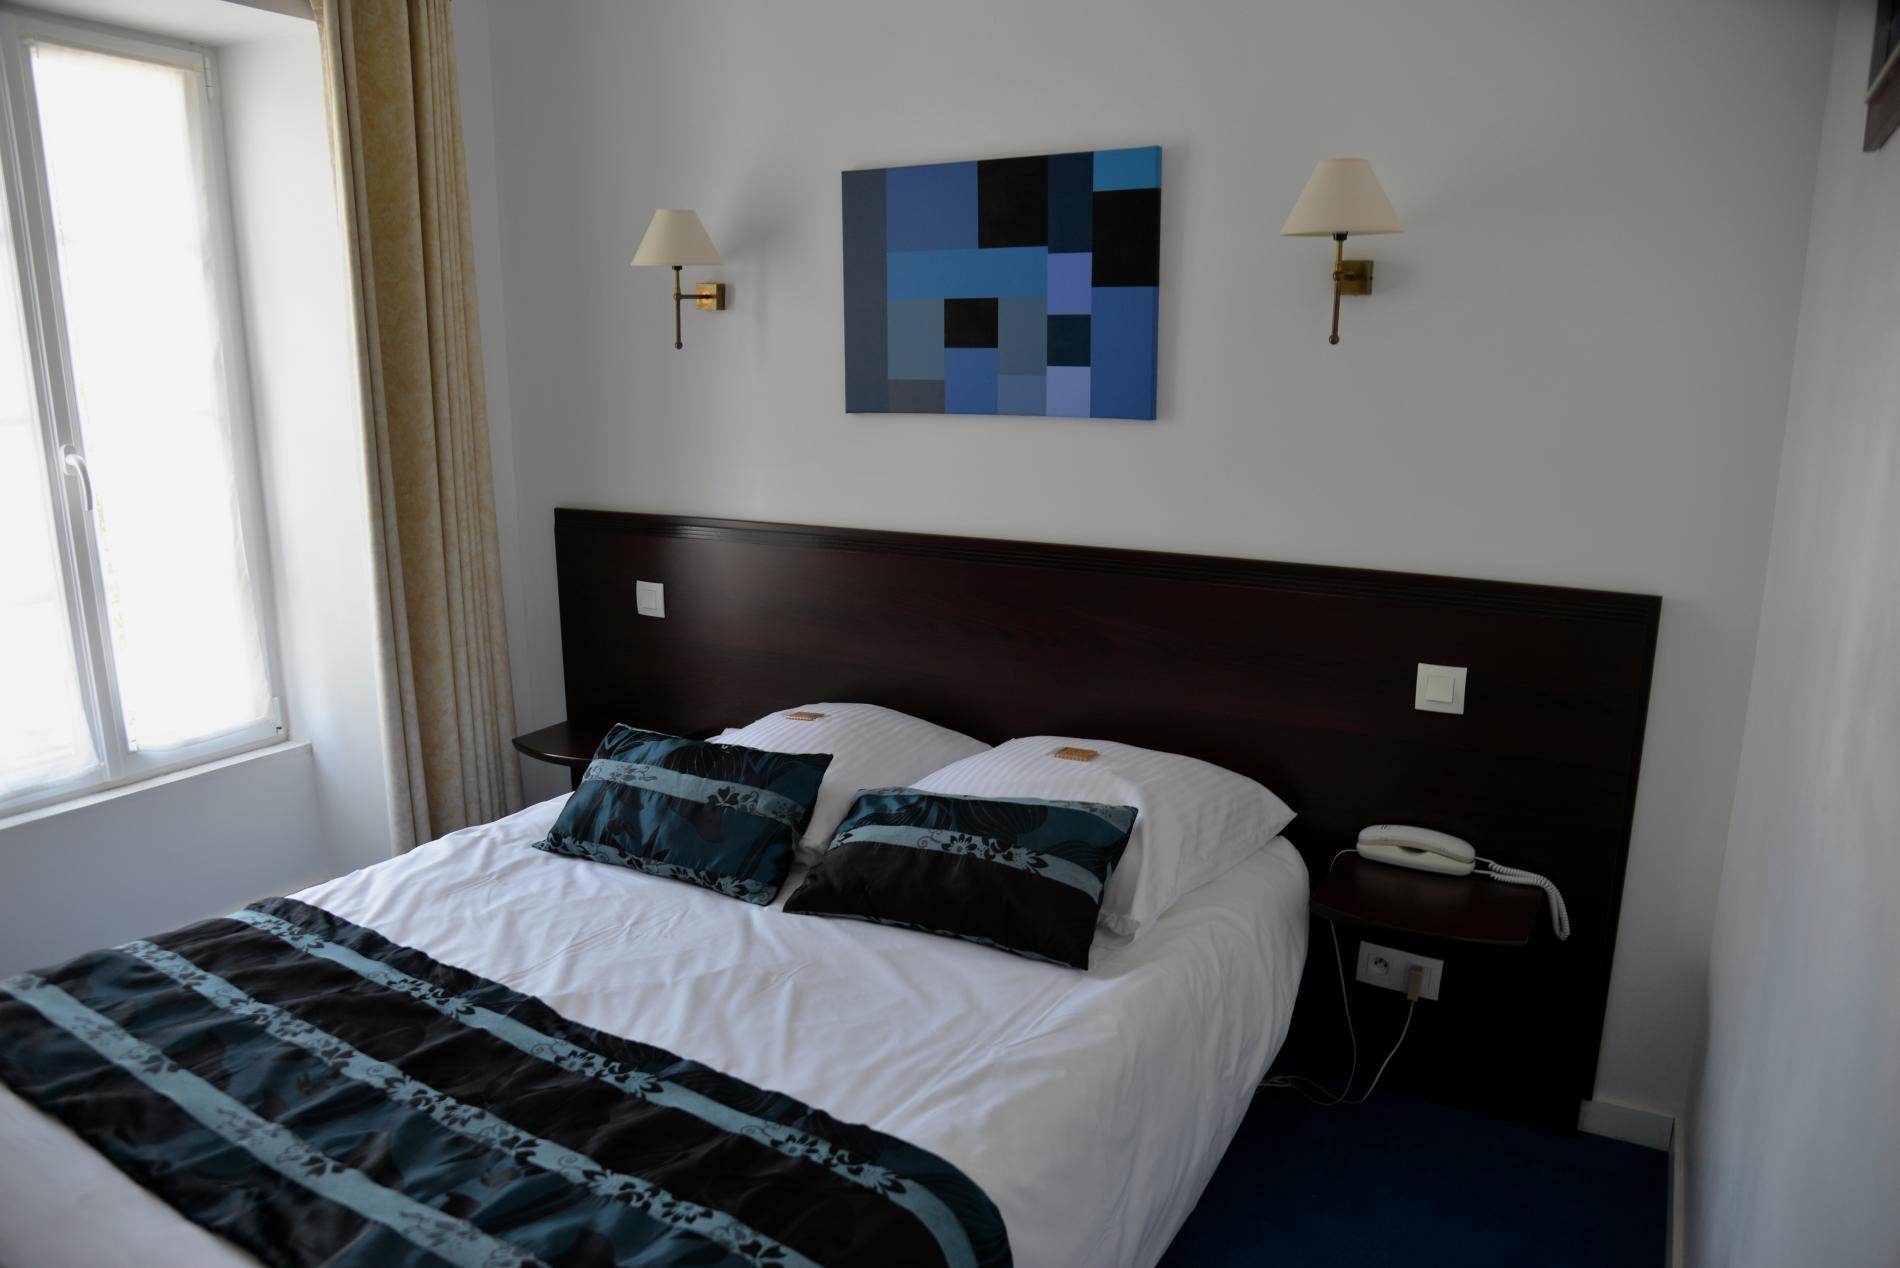 Chambre standard, lit de 140 cm